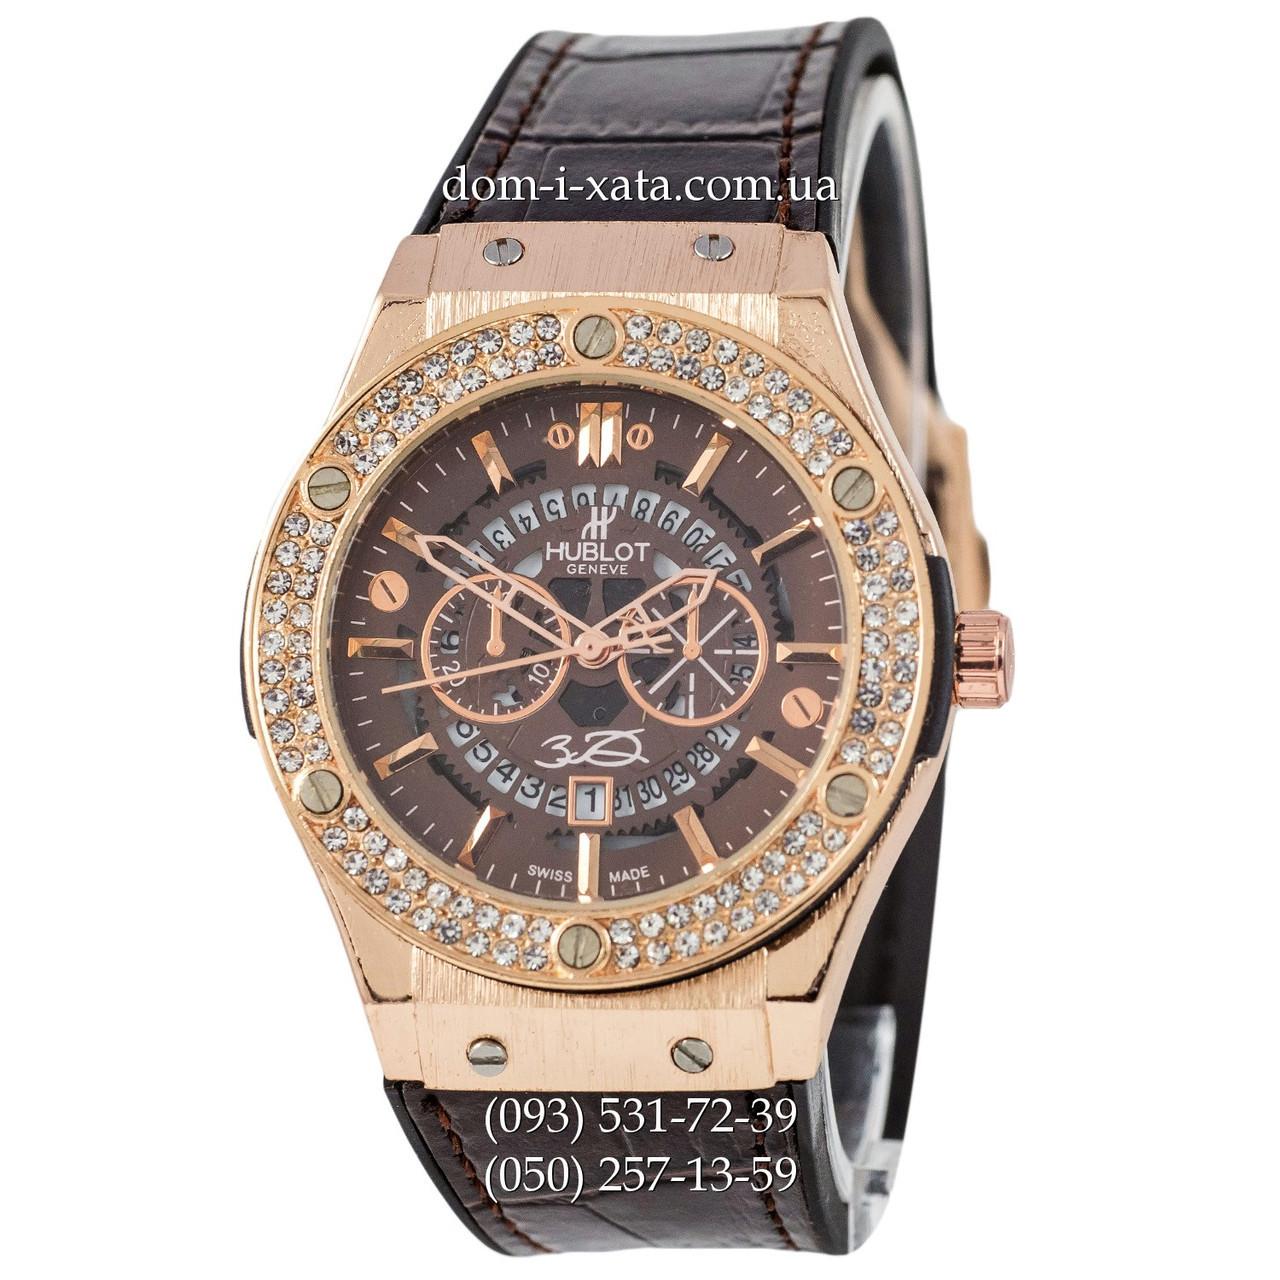 Мужские наручные часы Hublot 882888 Classic Fusion Crystal Brown-Gold-Brown, Хублот классик, реплика отличное качество!